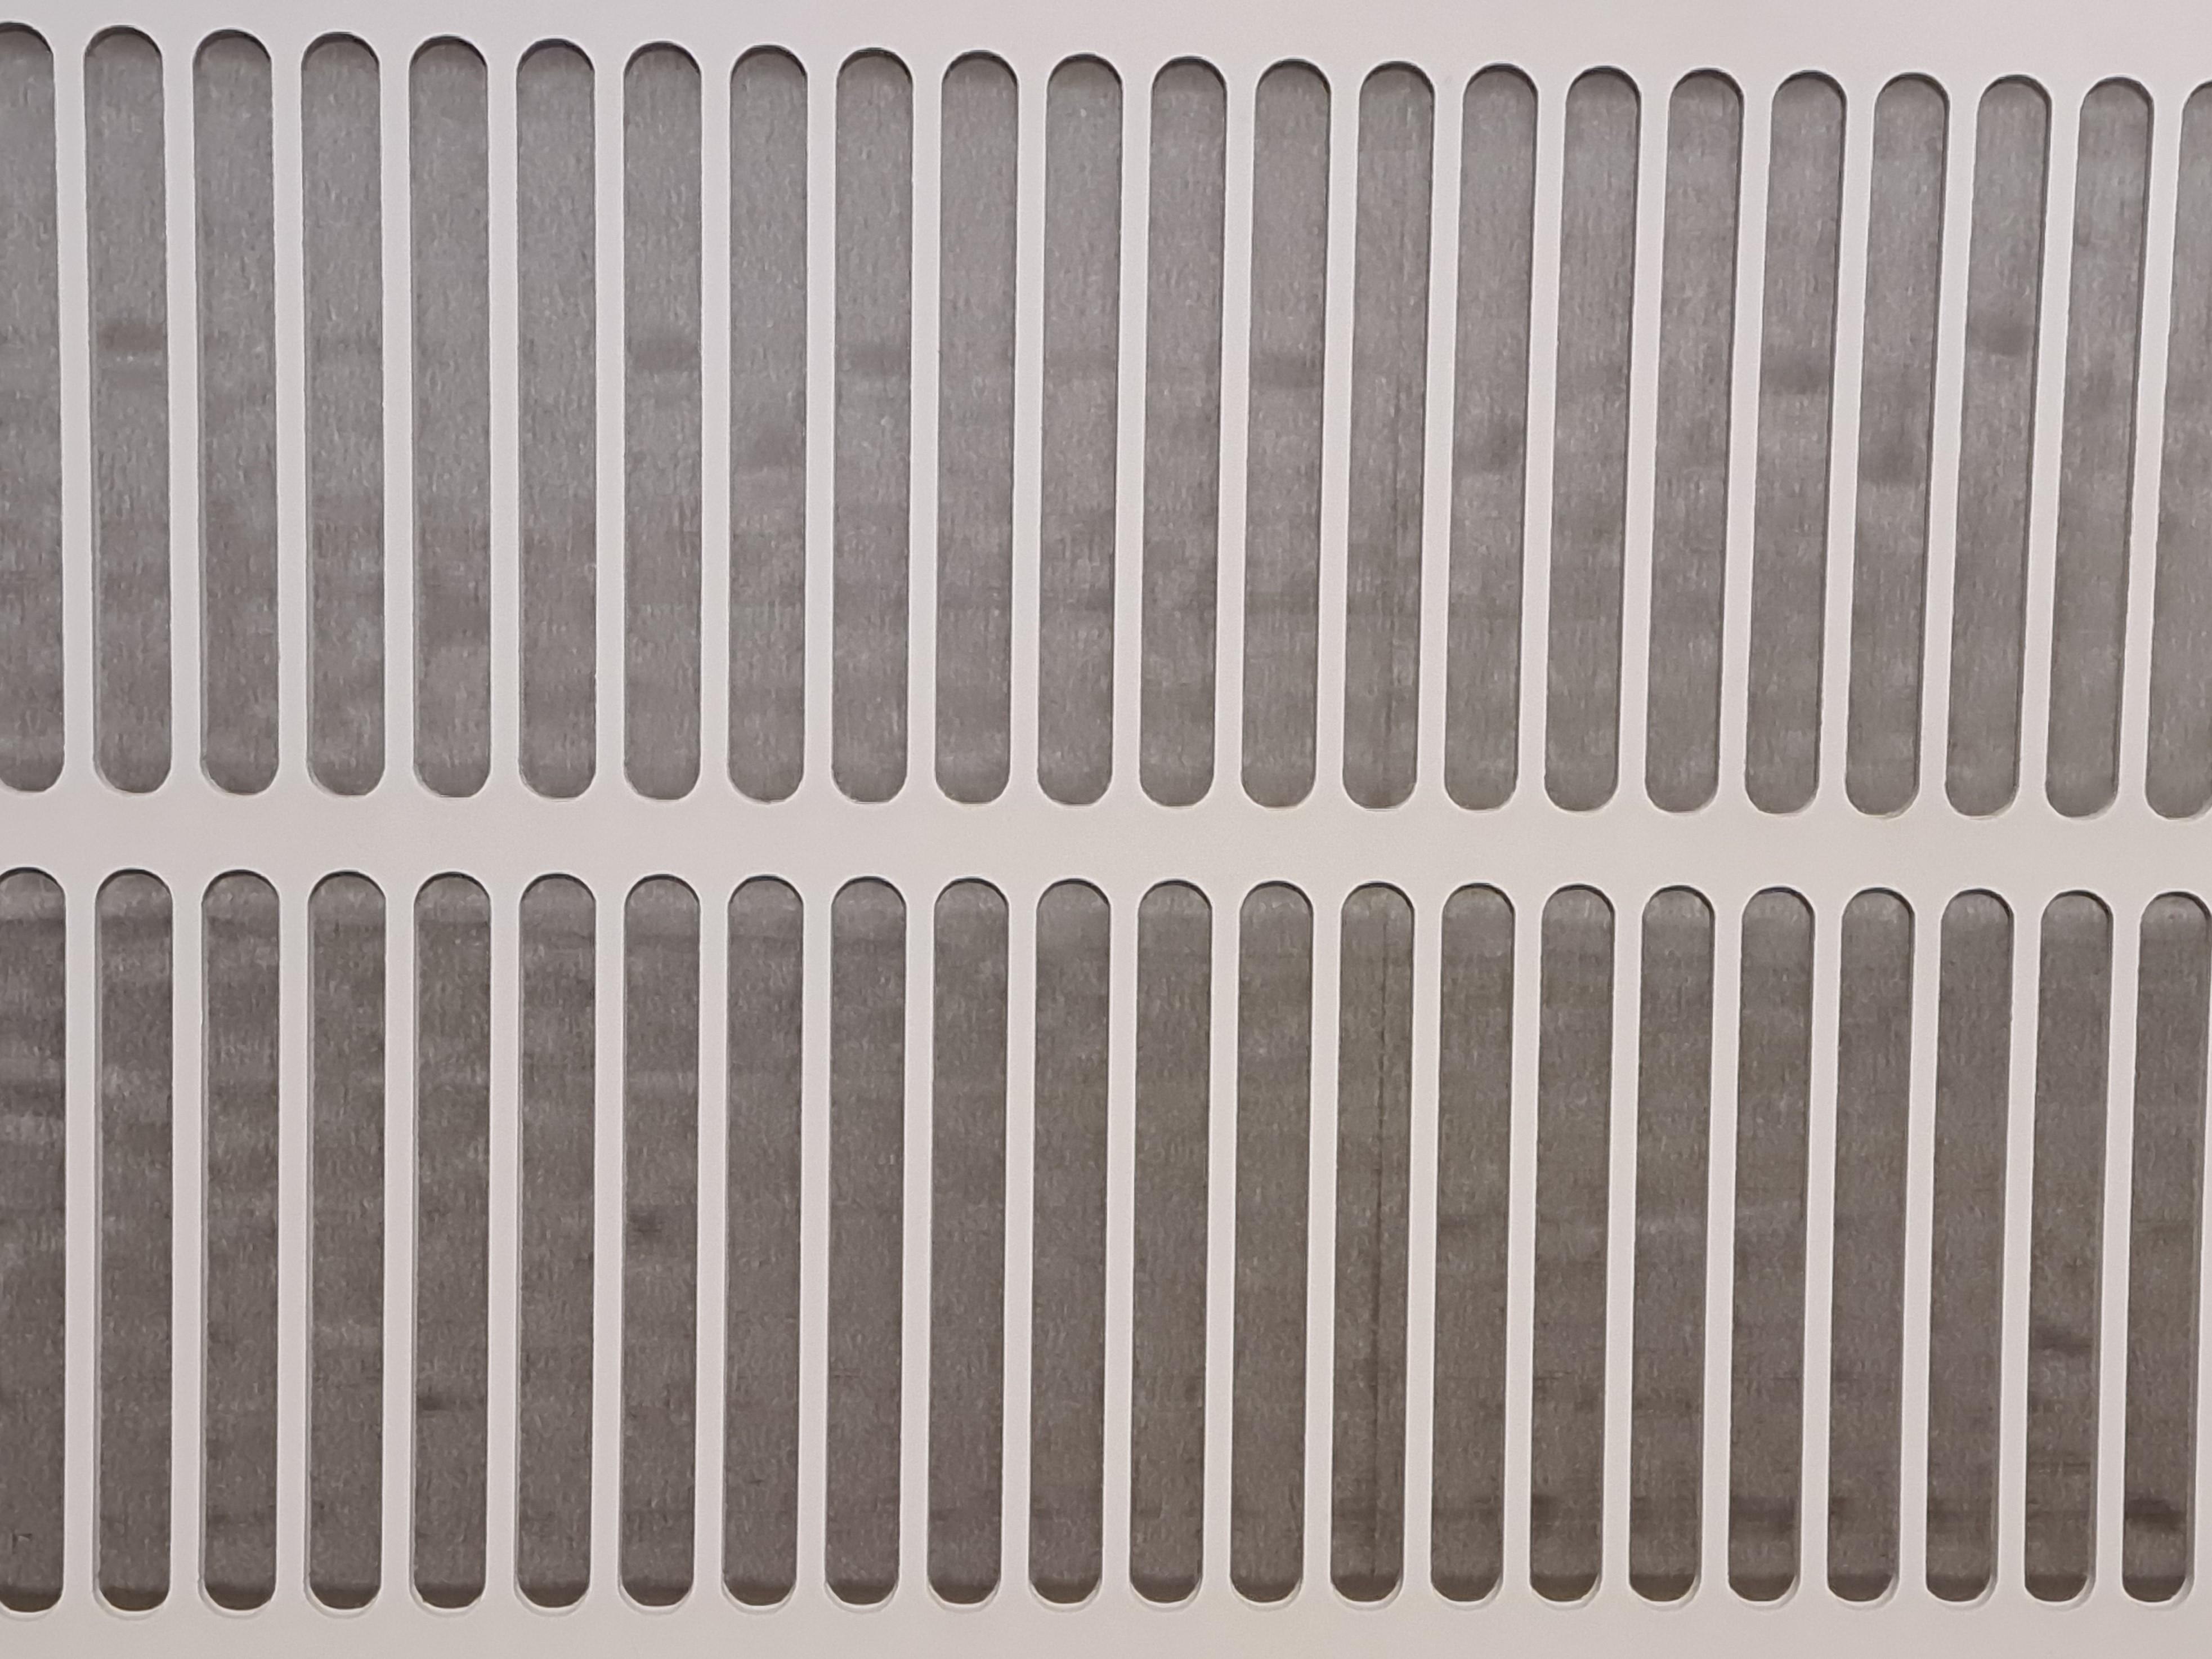 Filtrační síto pro bubnové filtry - Univerzální 120x40 cm